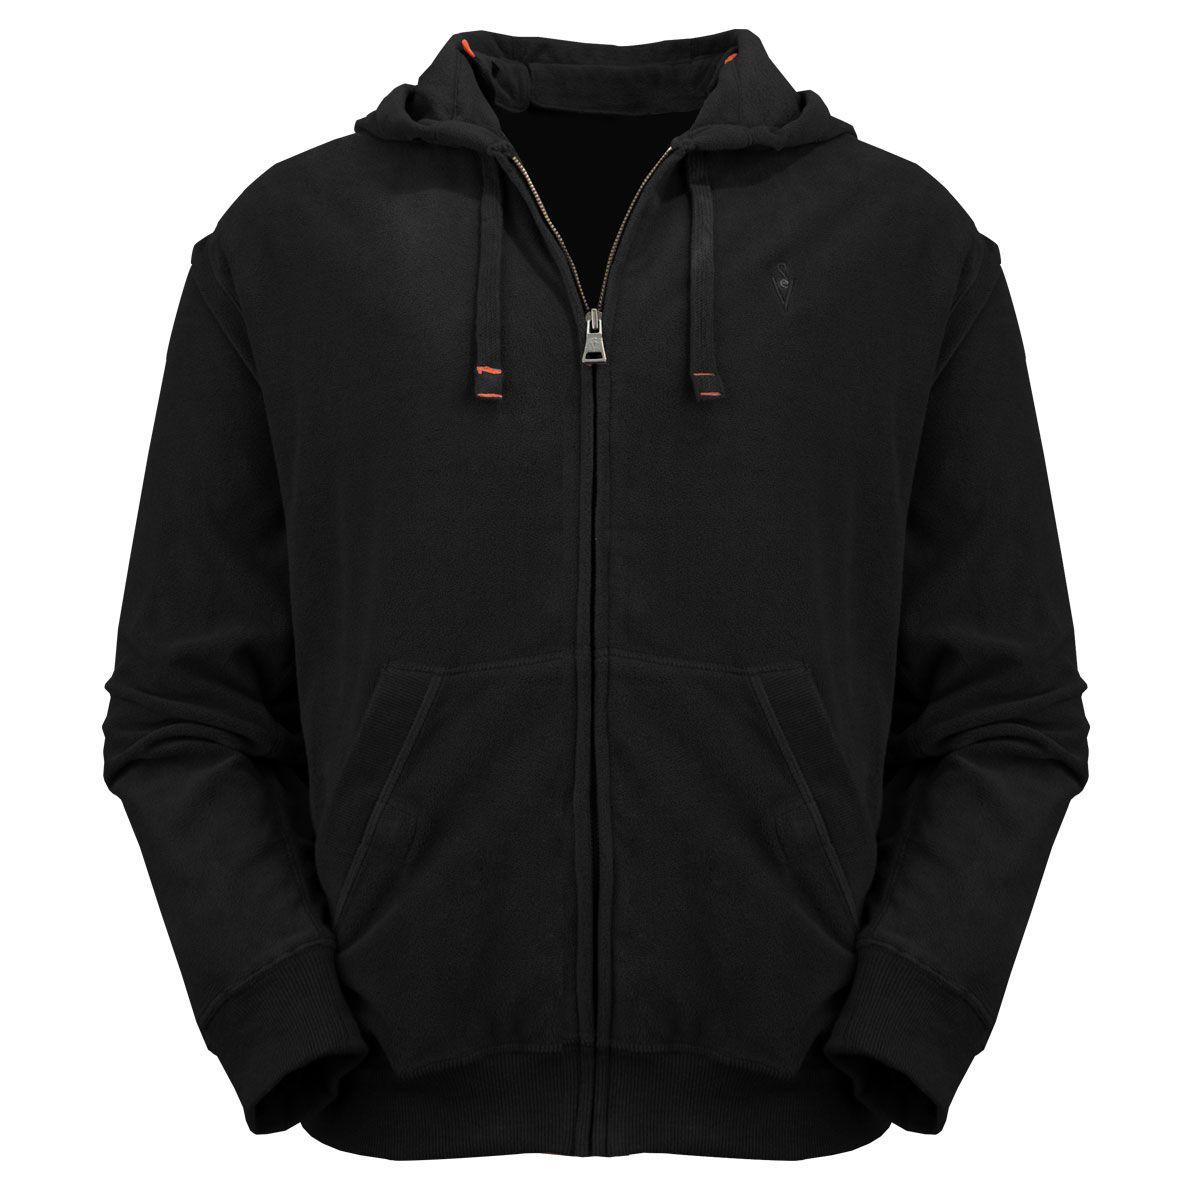 Sev hoodie